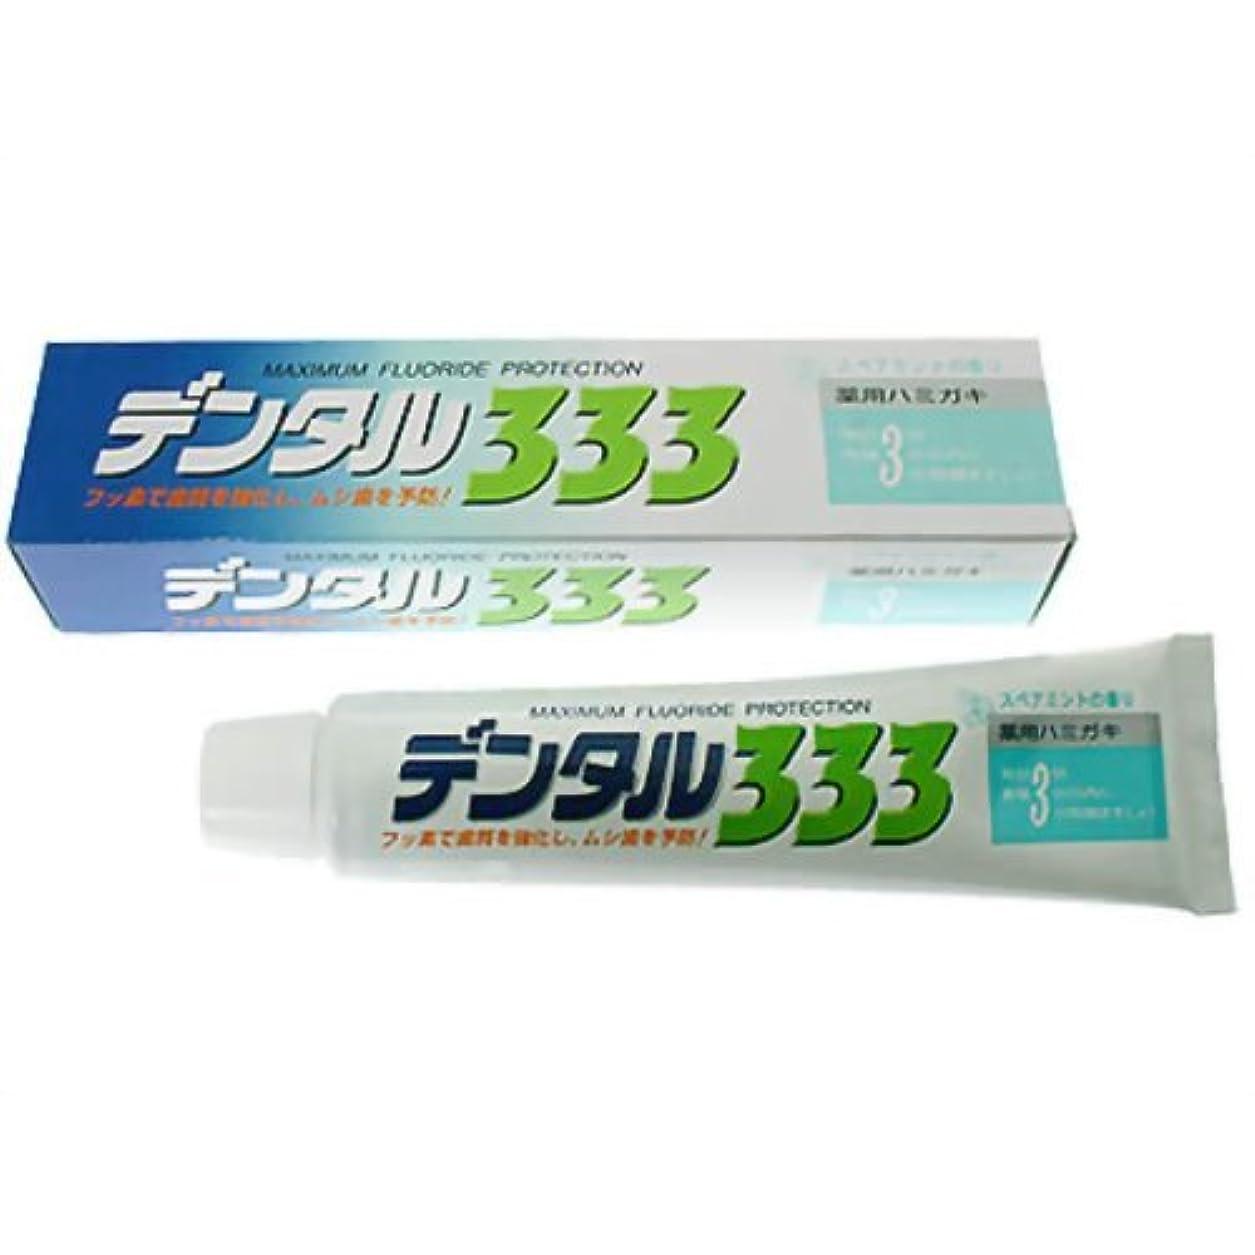 多様な理容師ペースデンタル333 薬用ハミガキ 150g フッ素配合歯磨き スペアミントの香り ★トイレタリージャパンインク×40点セット (4985275794983)